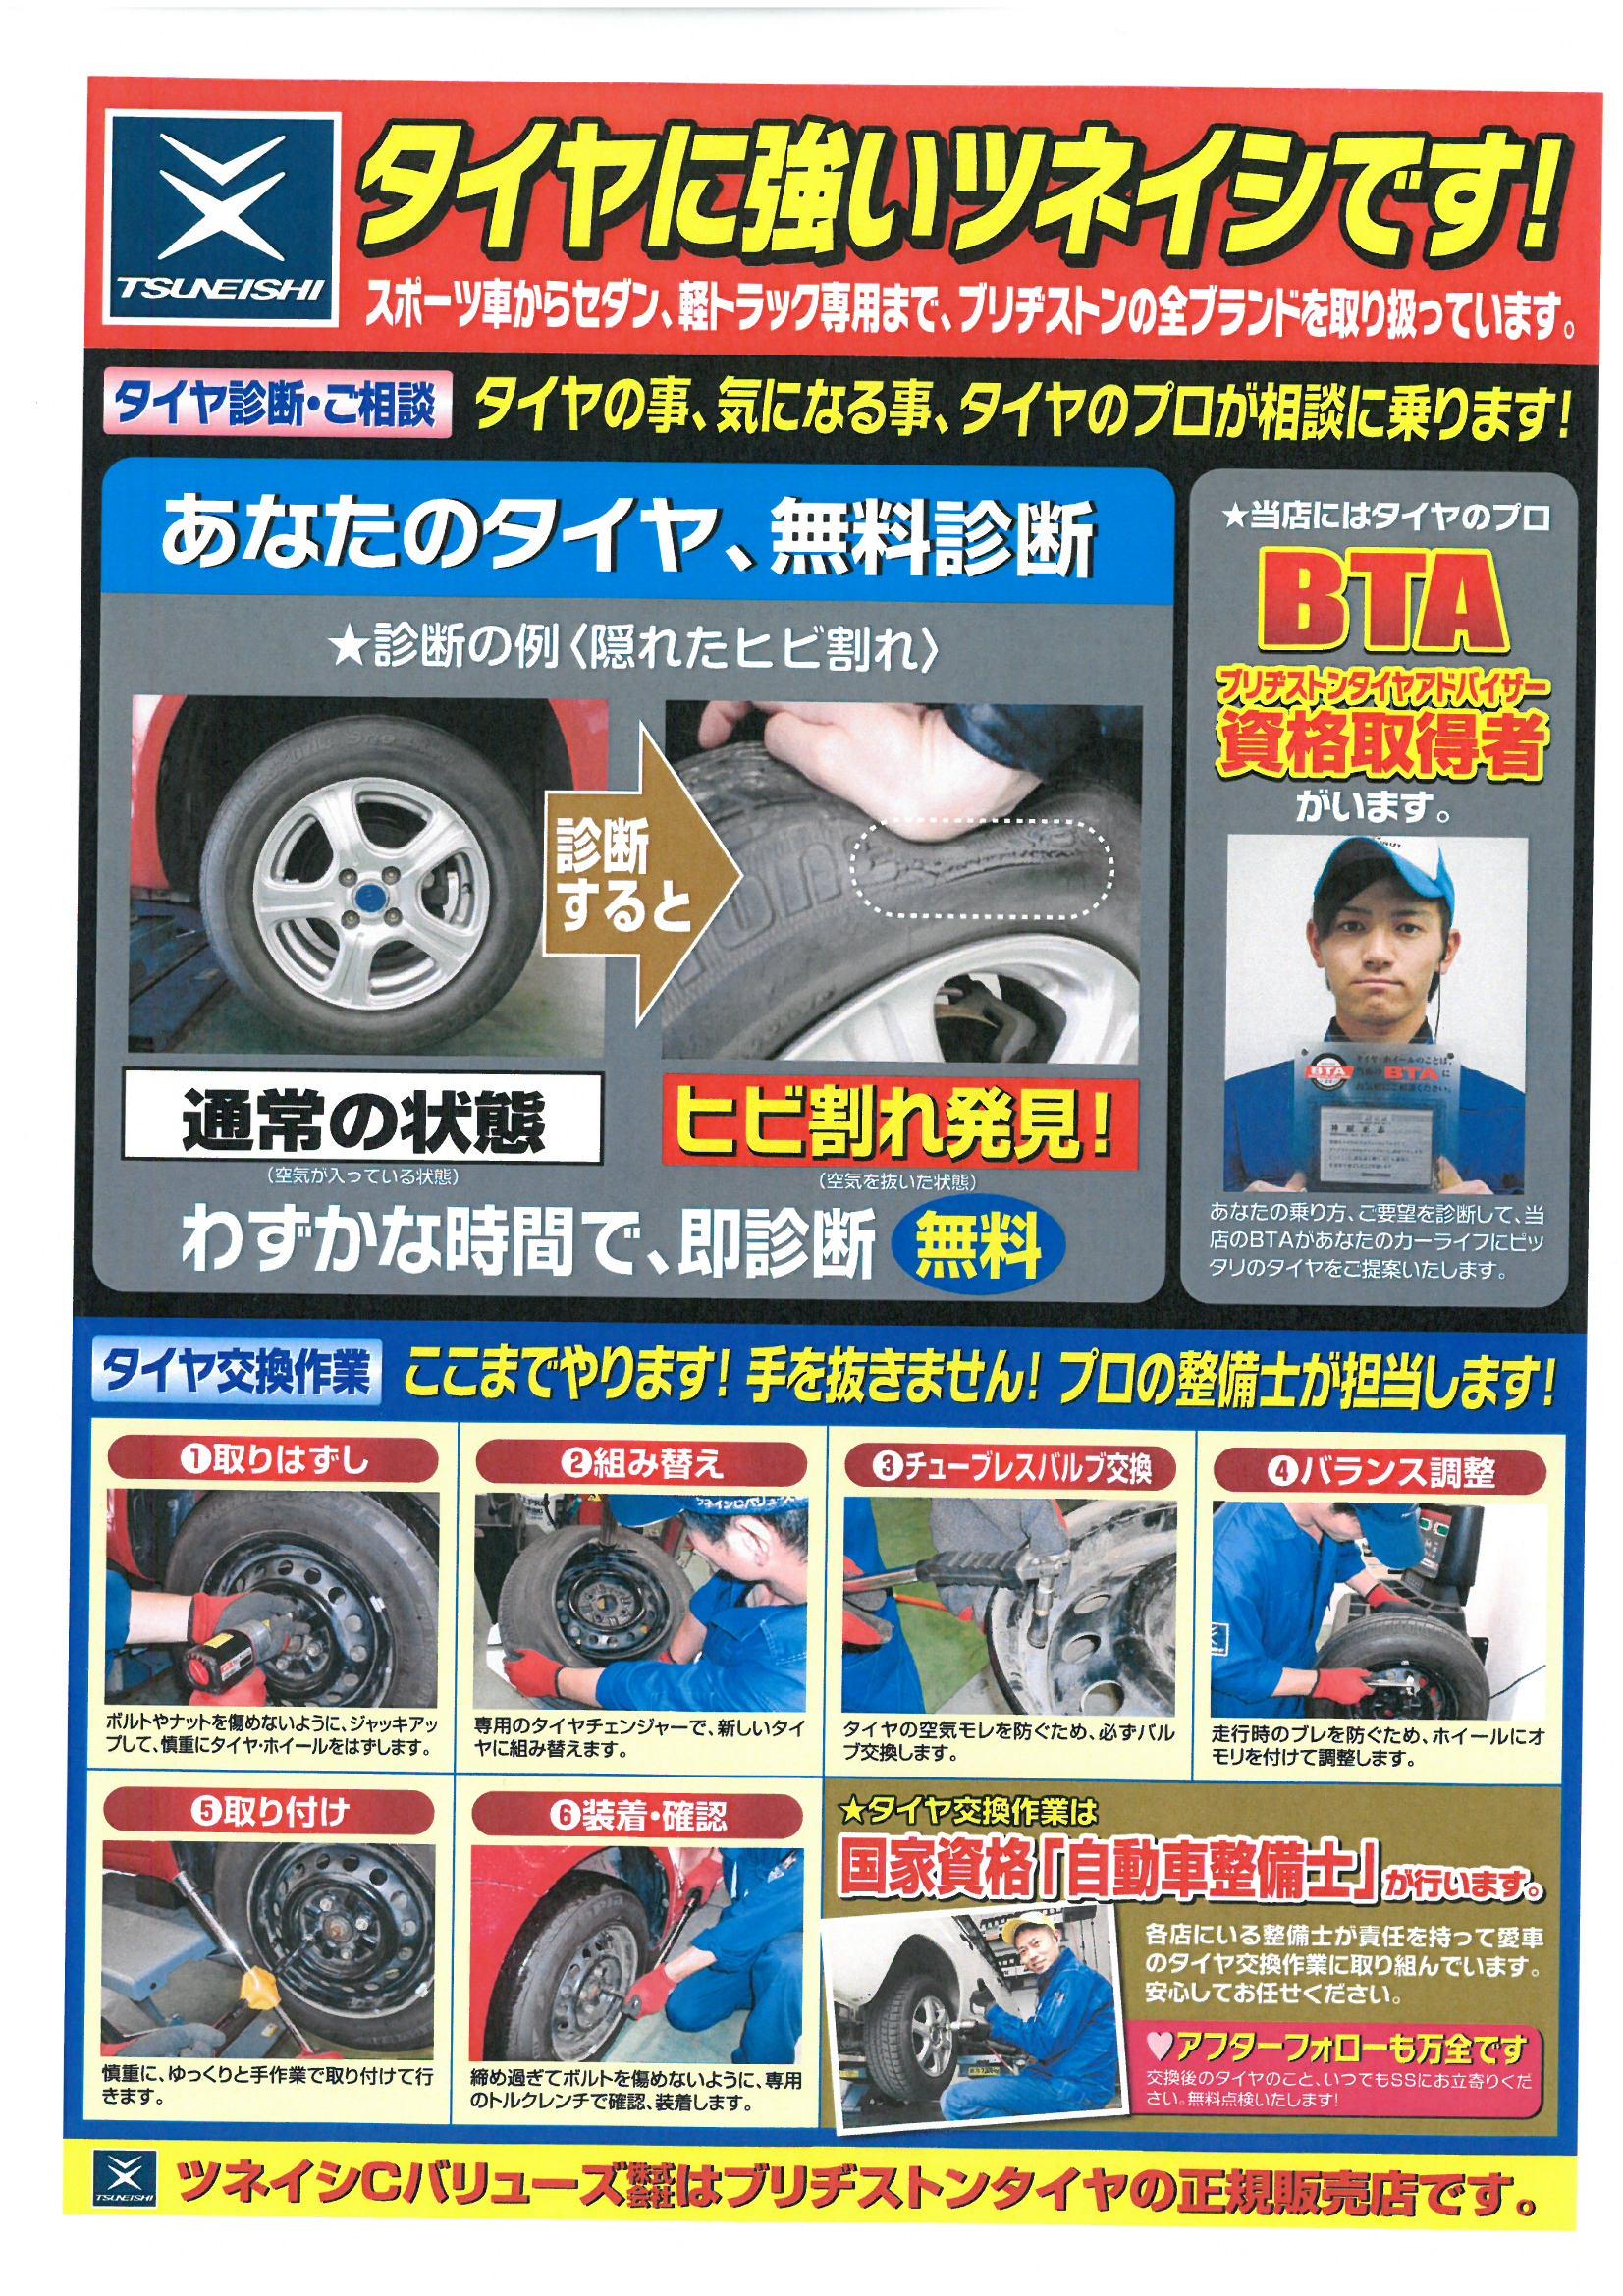 イチ押しのタイヤをBTA(ブリジストンタイヤアドバイザー)がご提案。